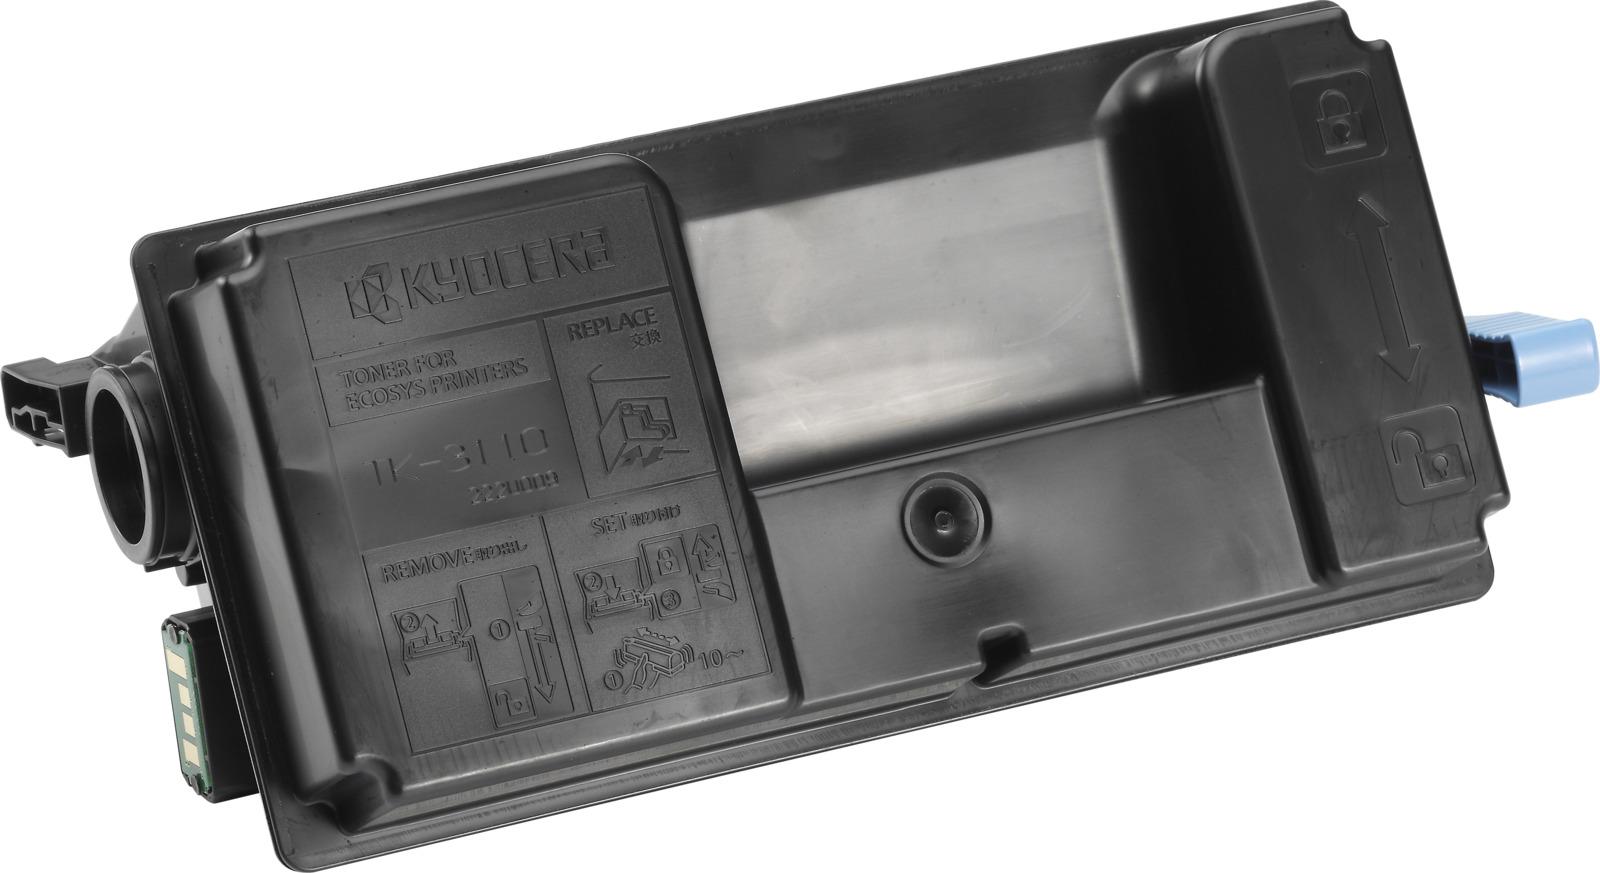 Картридж Kyocera TK-3110, черный, для лазерного принтера